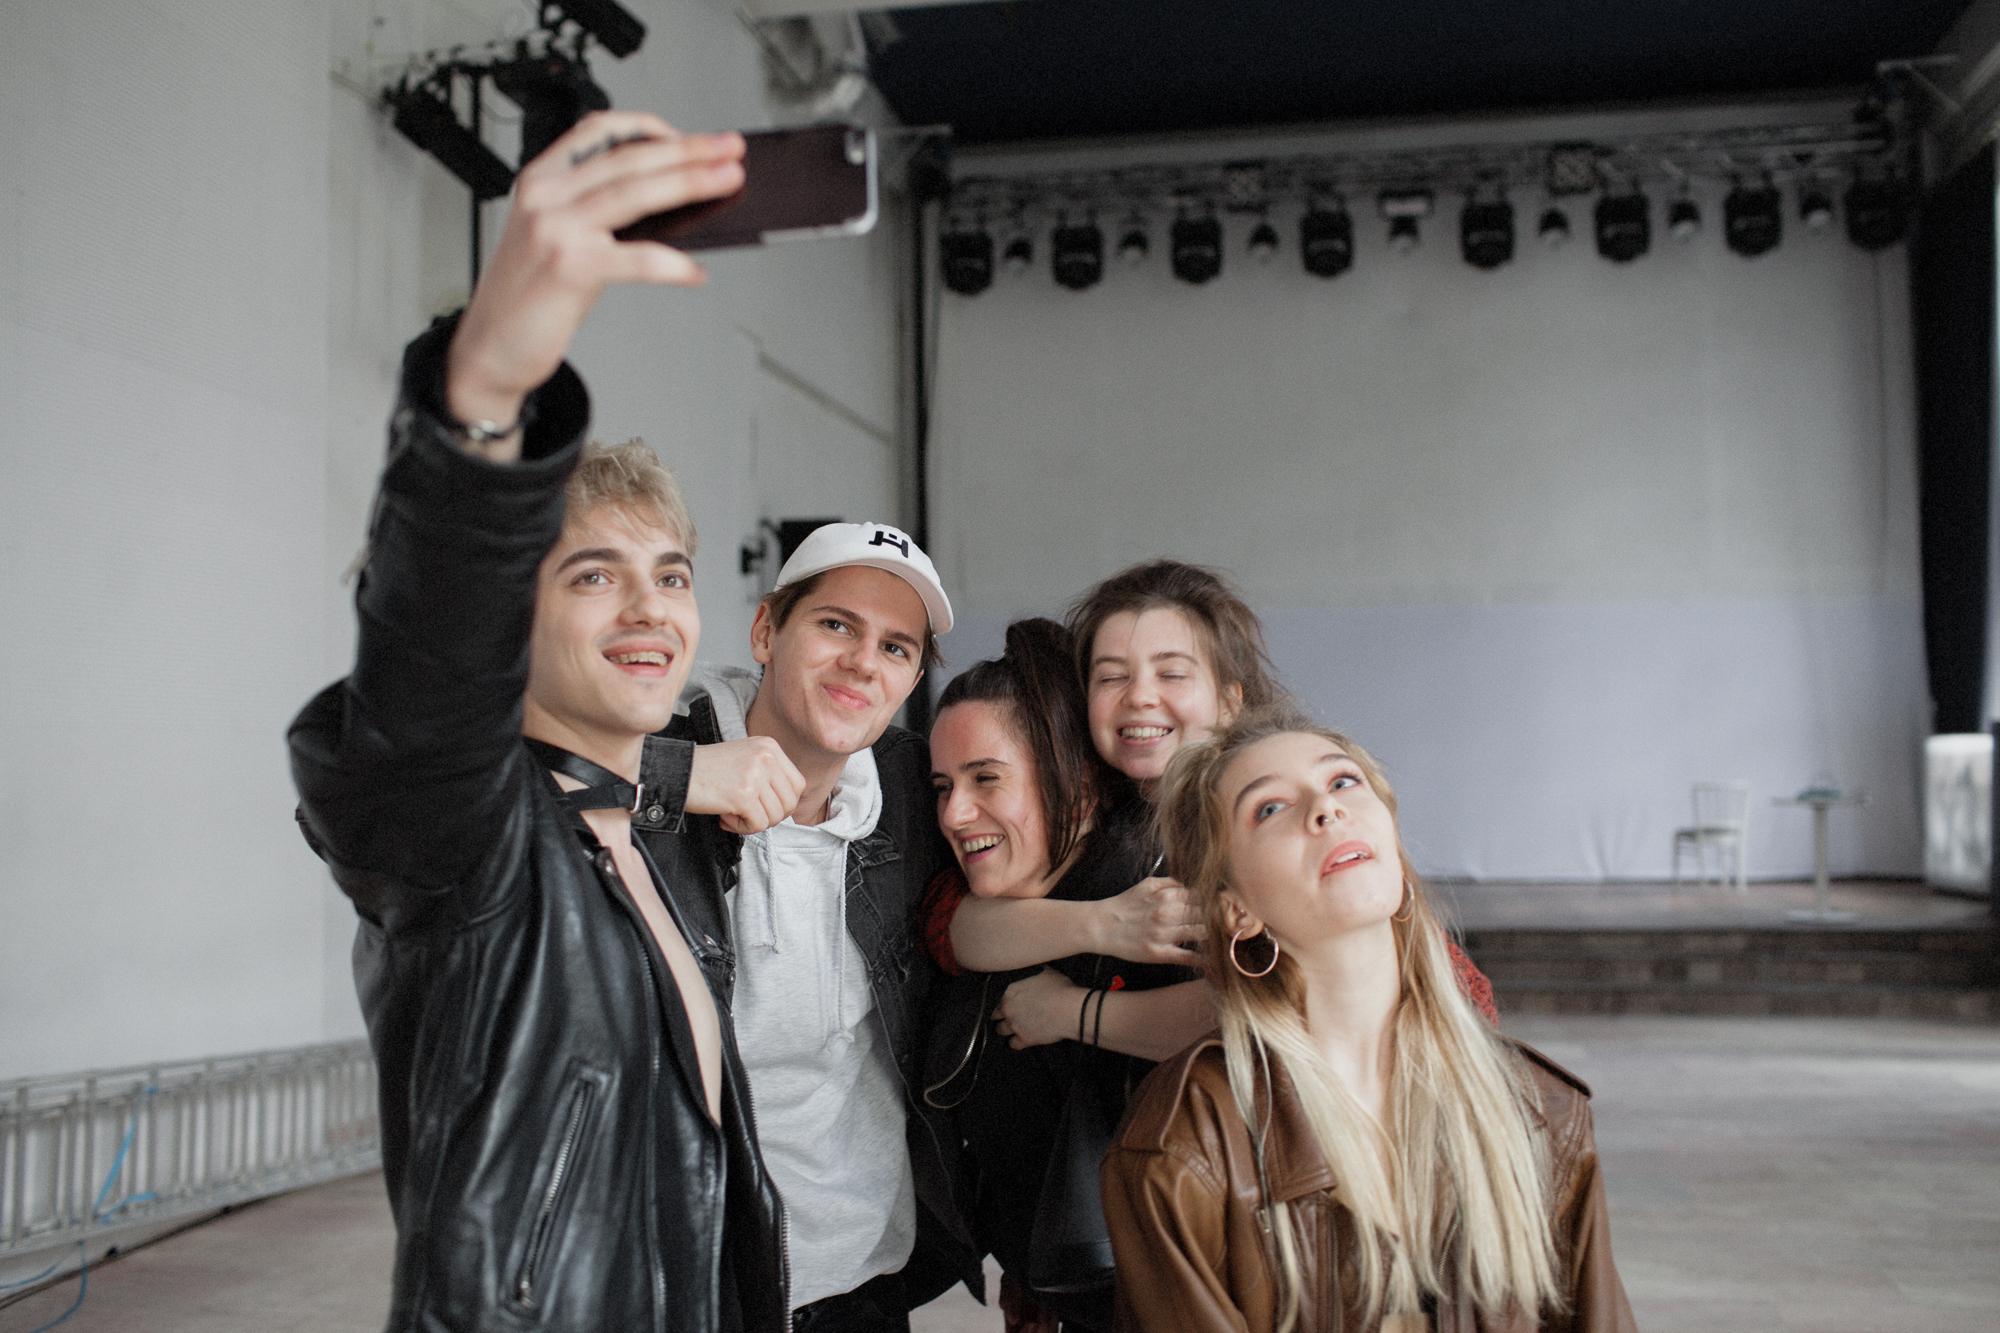 Dwóch chłopaków i trzy dziewczyny robią sobie selfie smartfonem